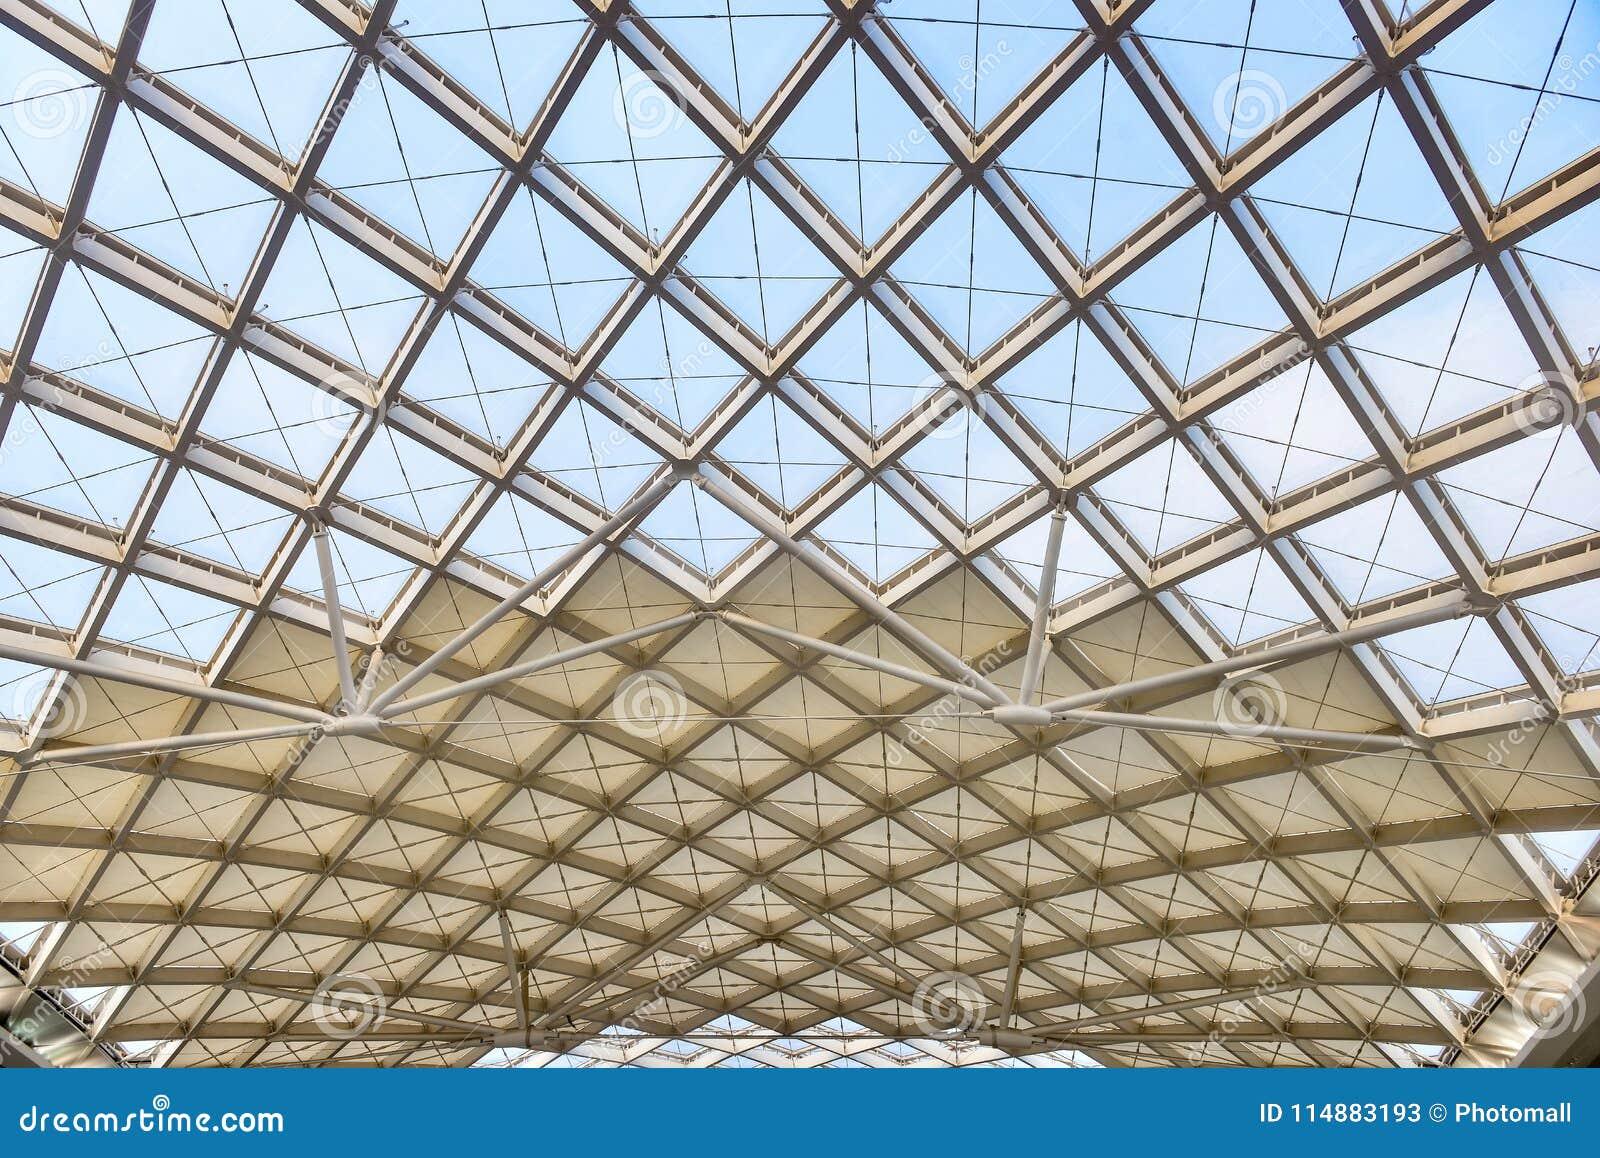 Canteiro de obras moderno da estrutura de telhado da arquitetura